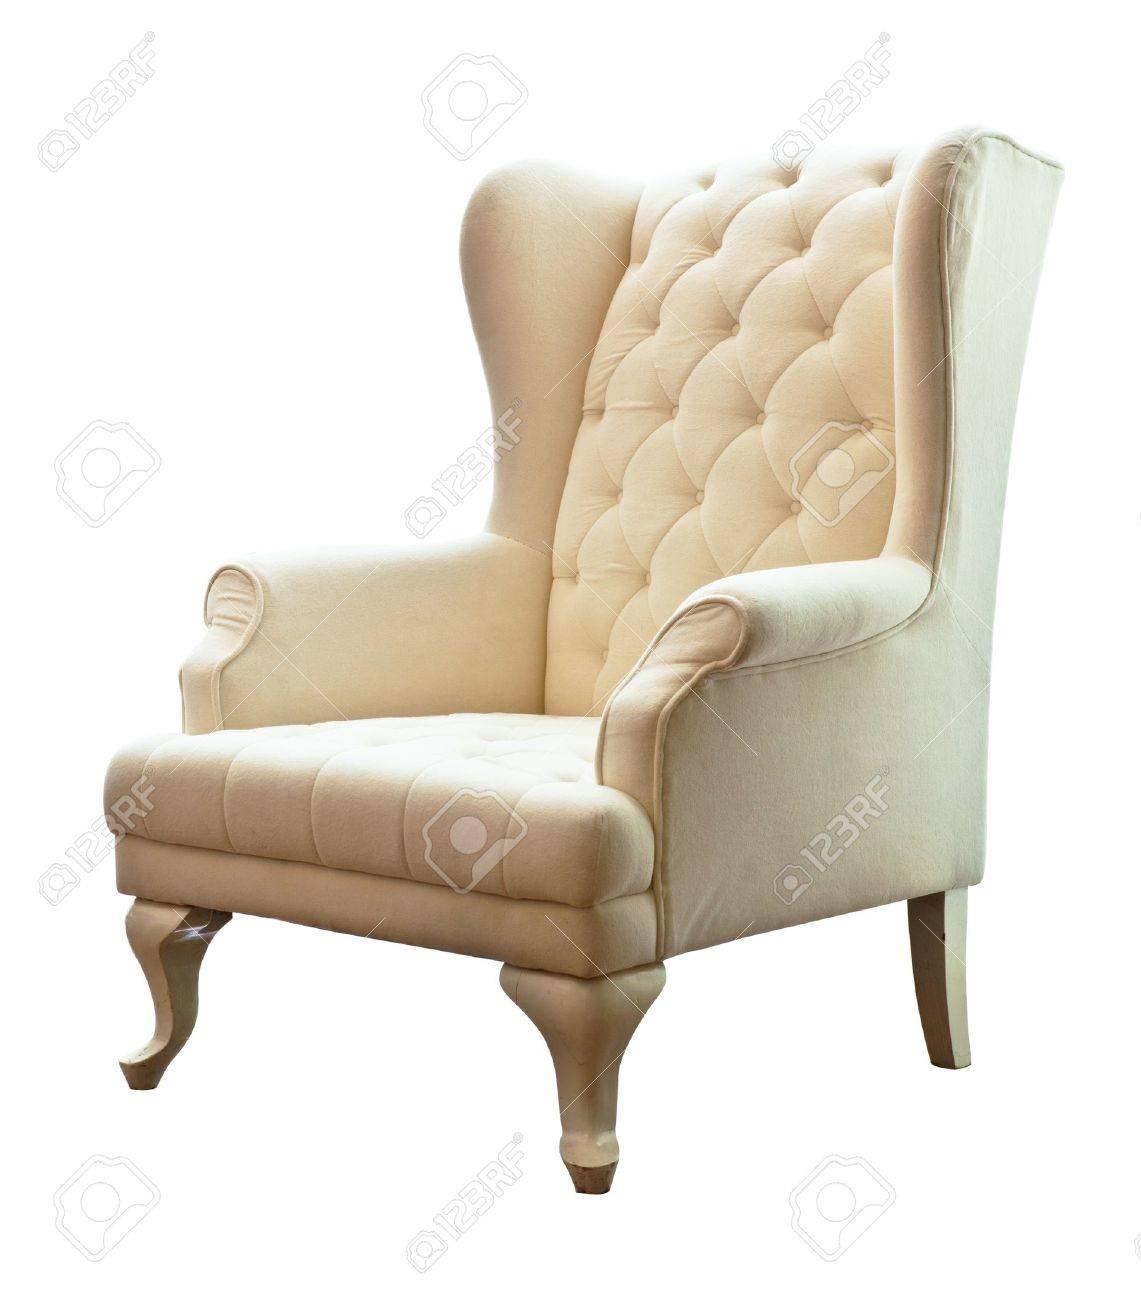 Фото на белом кресле 10 фотография